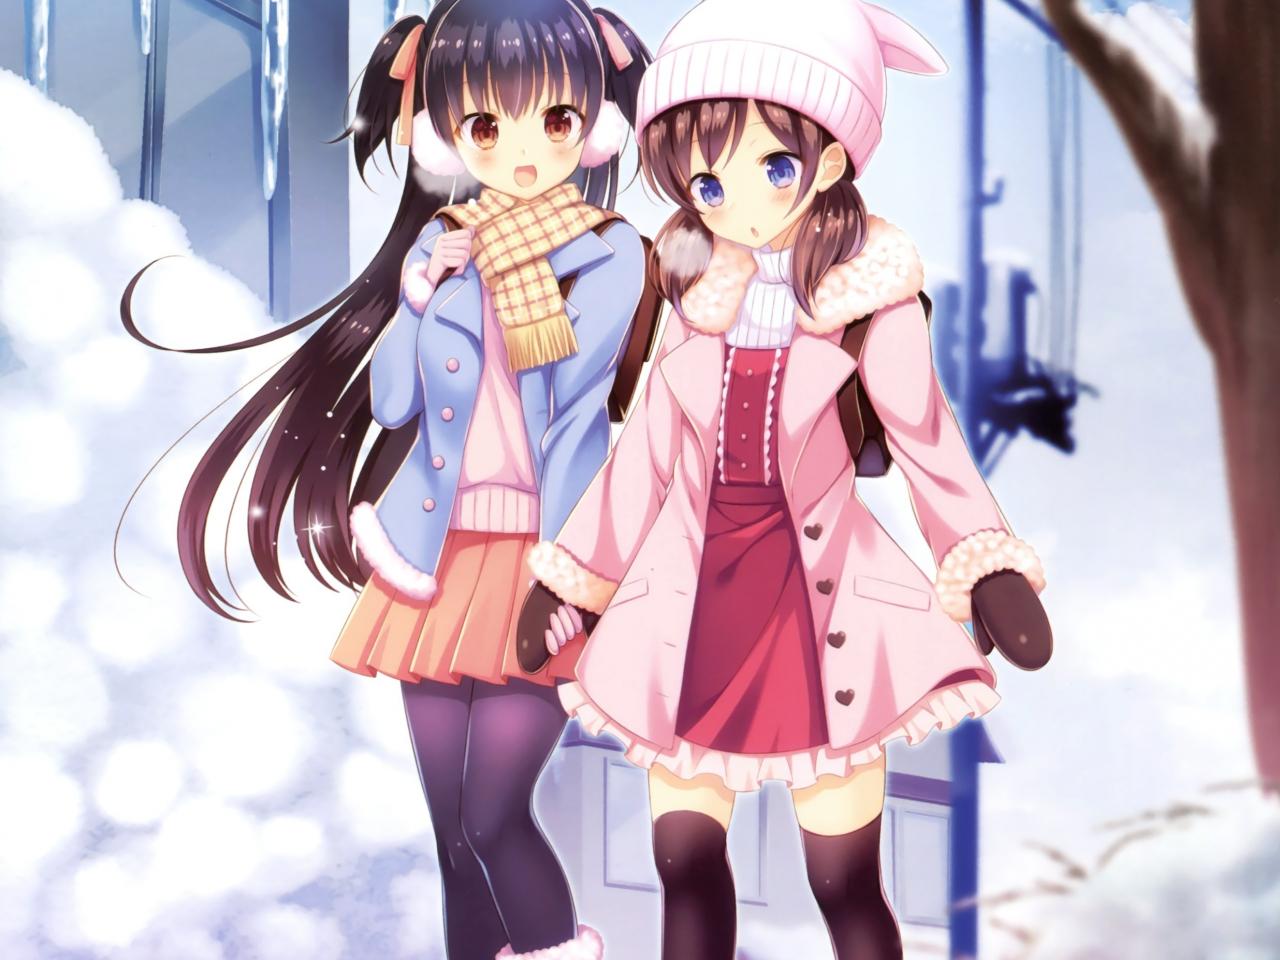 Winter outdoor girls anime friends 1280x960 wallpaper